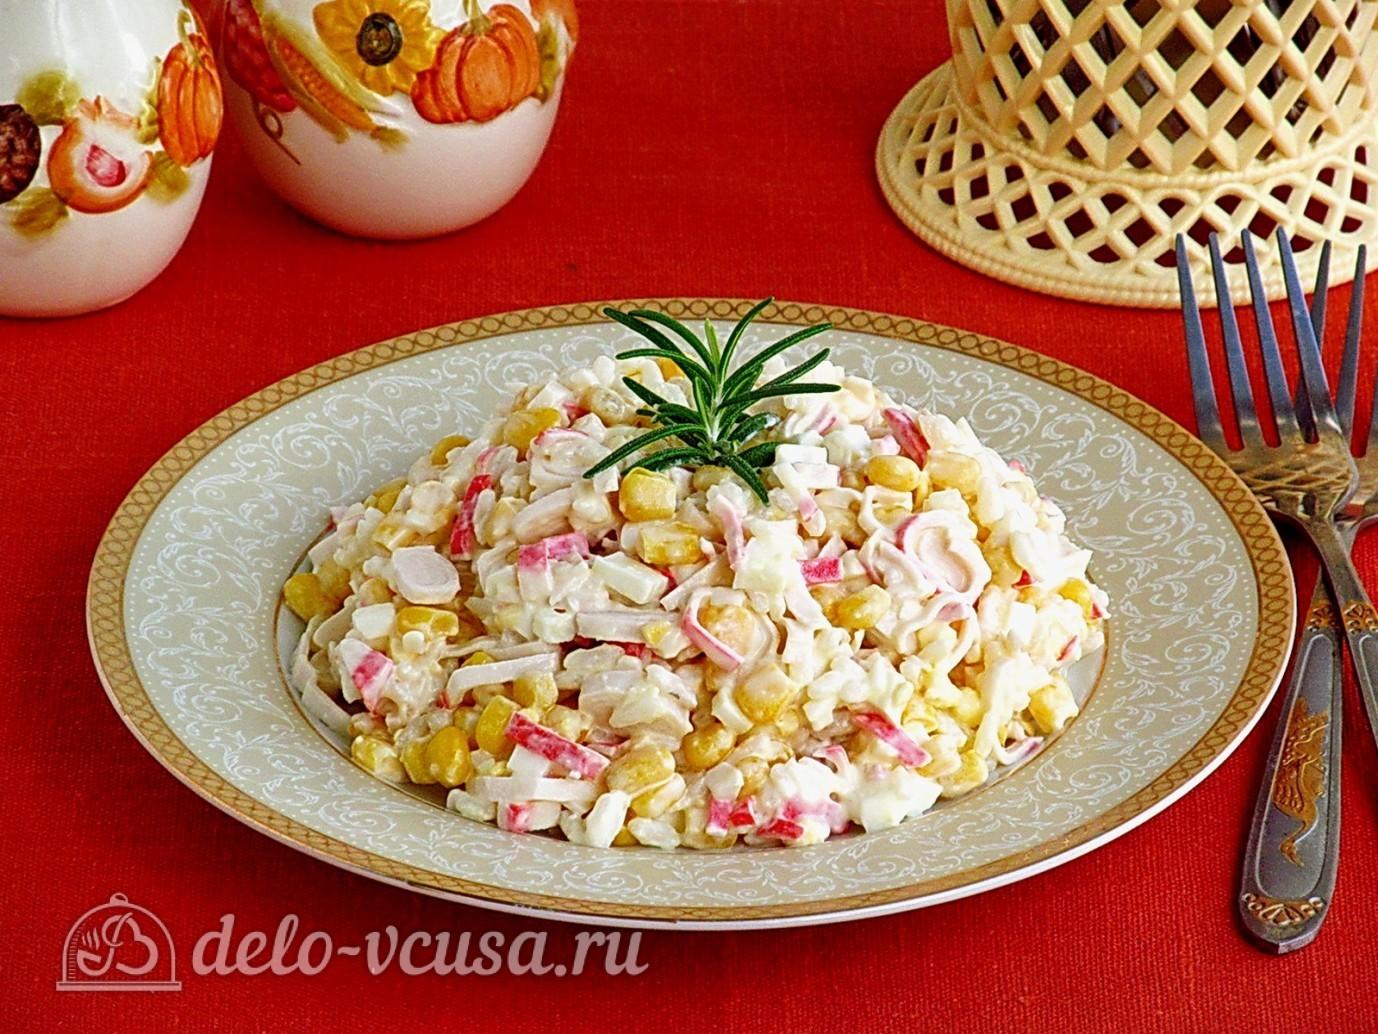 Рецепт салата с крабовыми палочками и рисом пошагово в